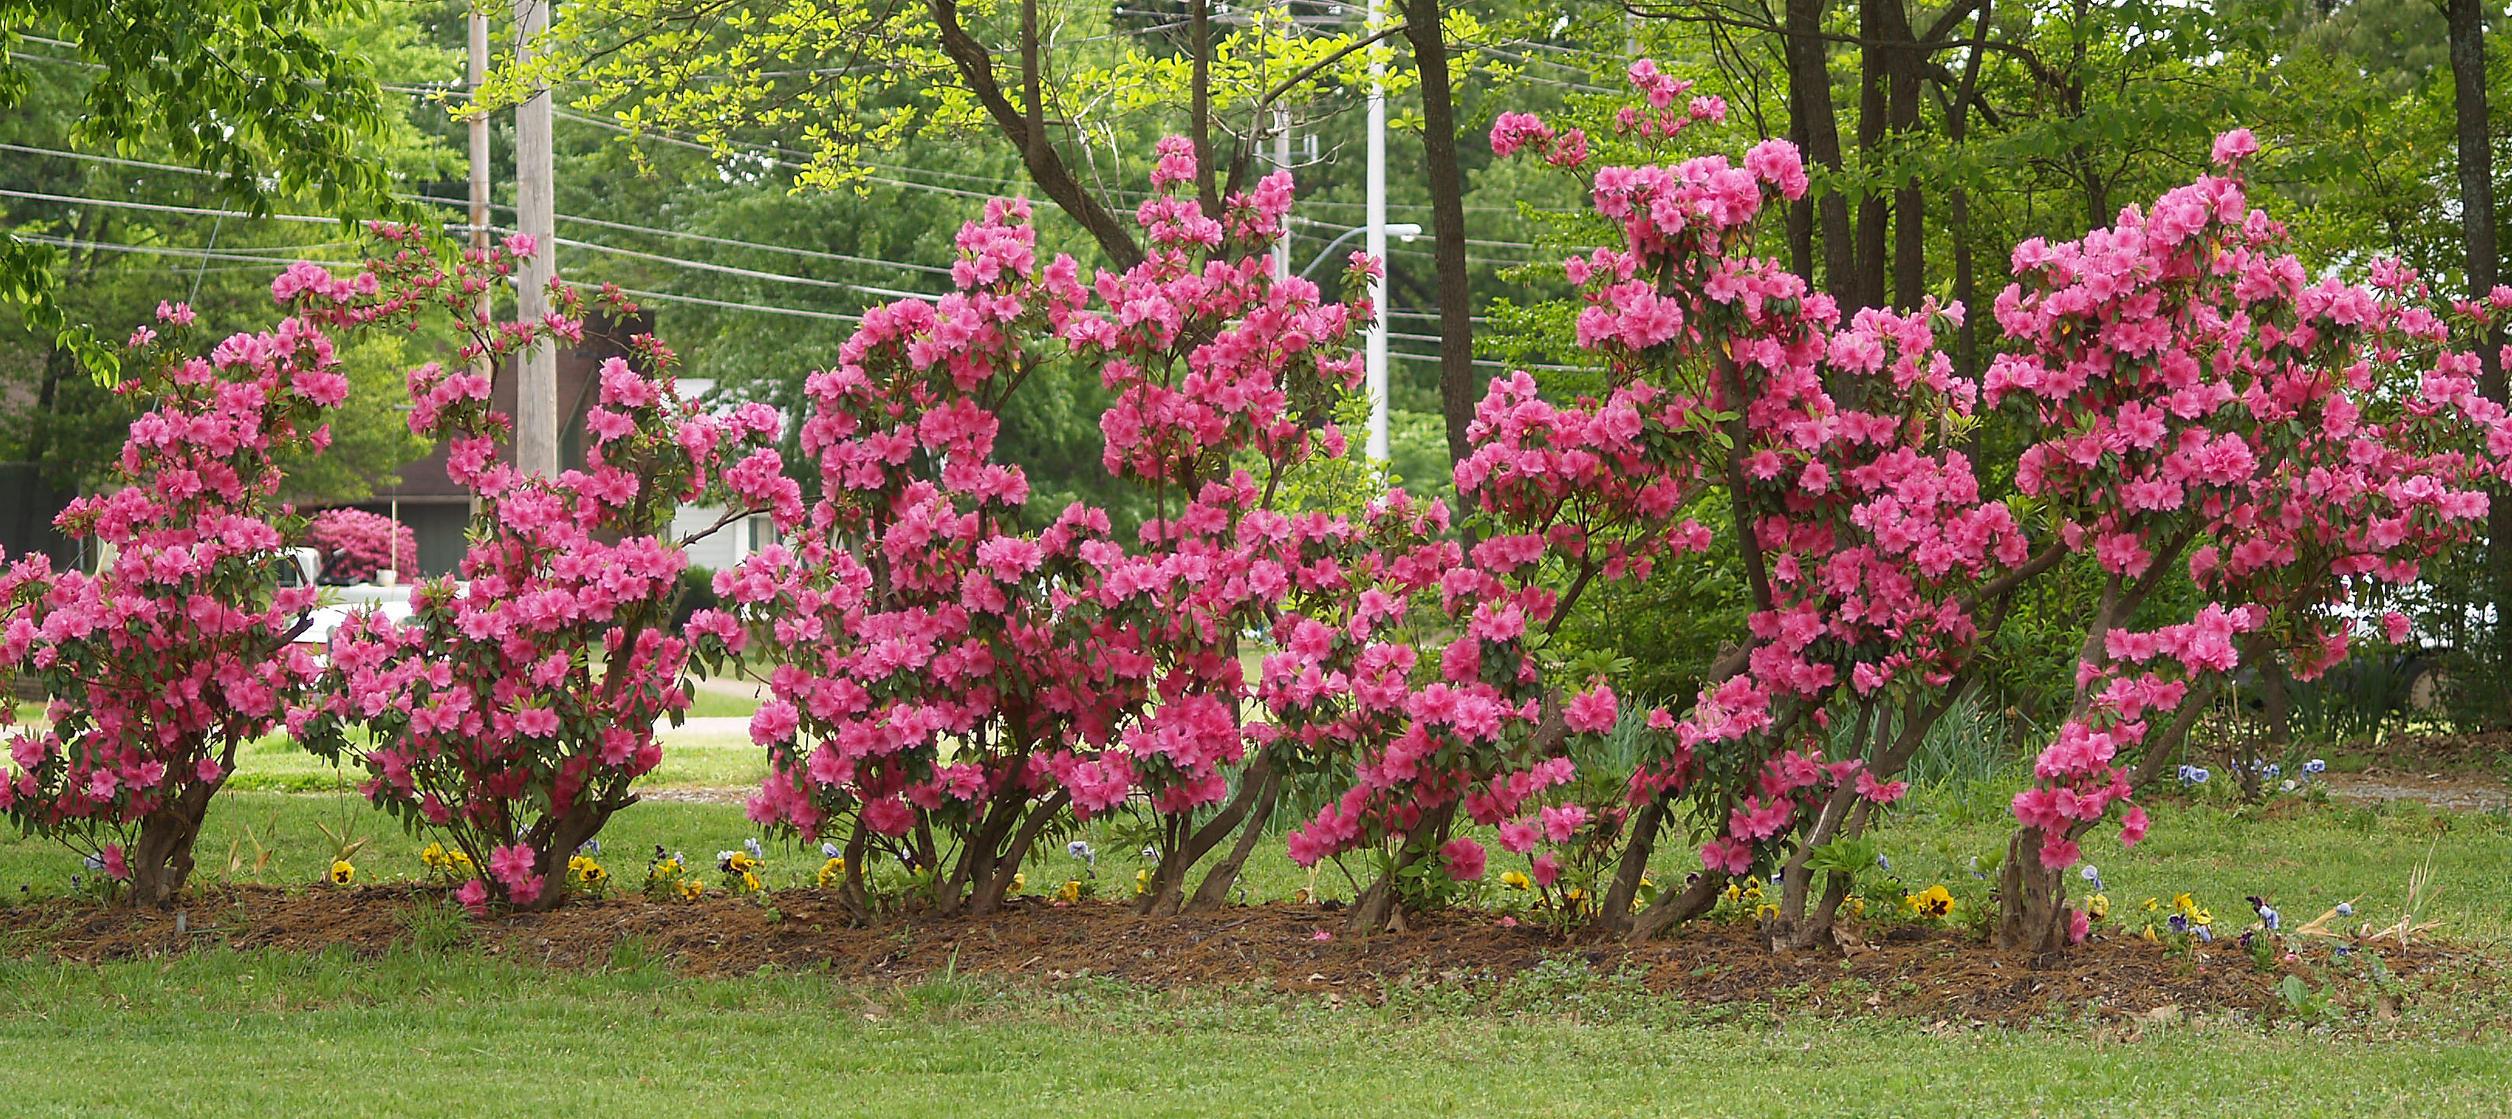 House - Flowers - 4-18-10 Azaleas